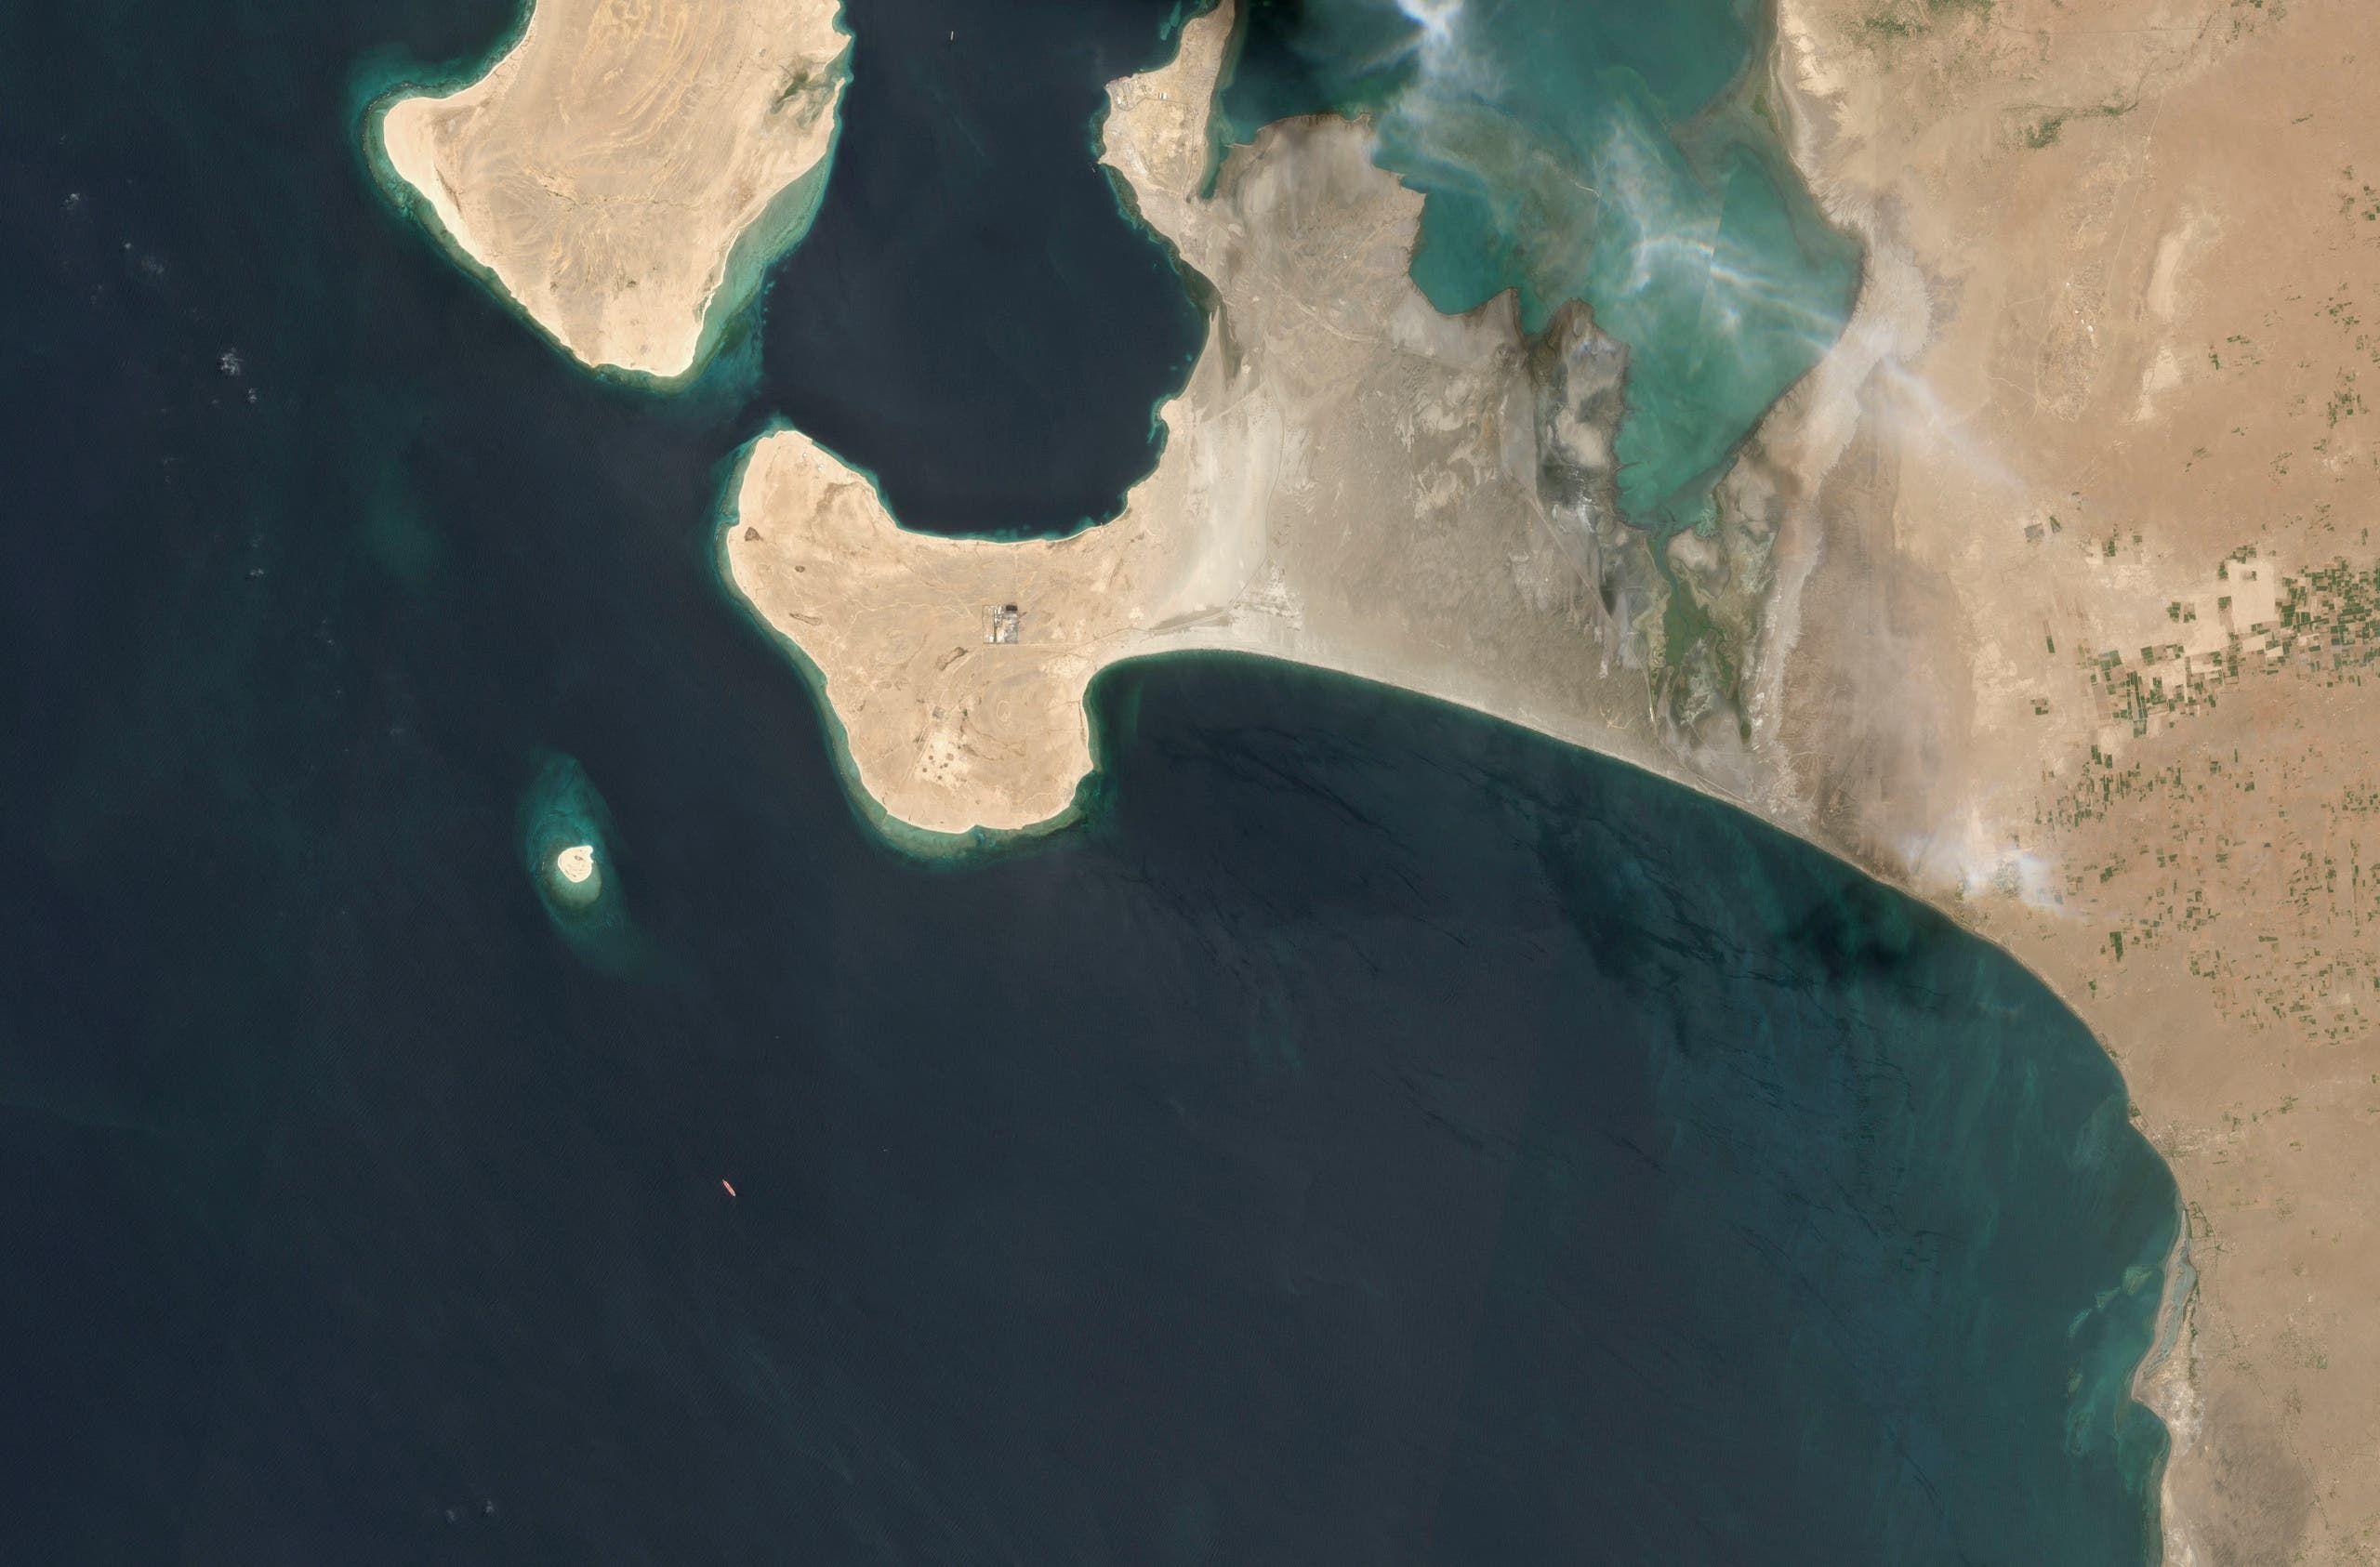 صورة بالأقمار الاصطناعية تظهر مكان رسو صافر قبالة الحديدة